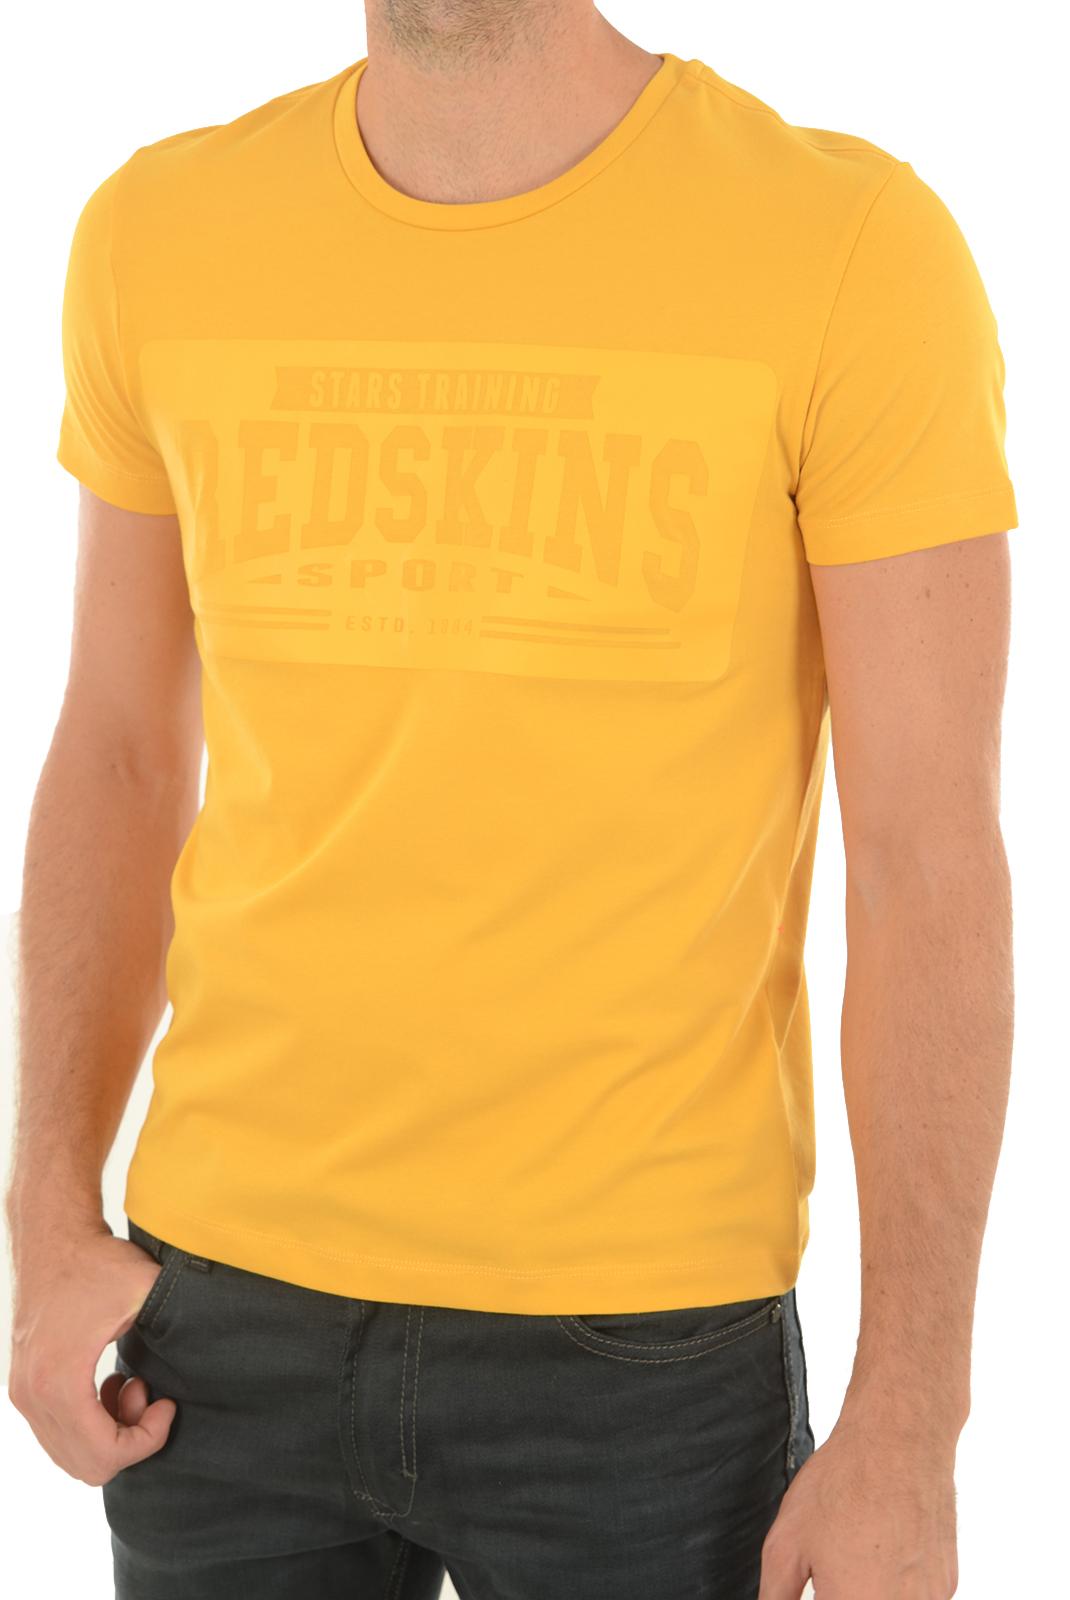 Tee-shirts  Redskins GRIM CALDER YELLOW GOLD